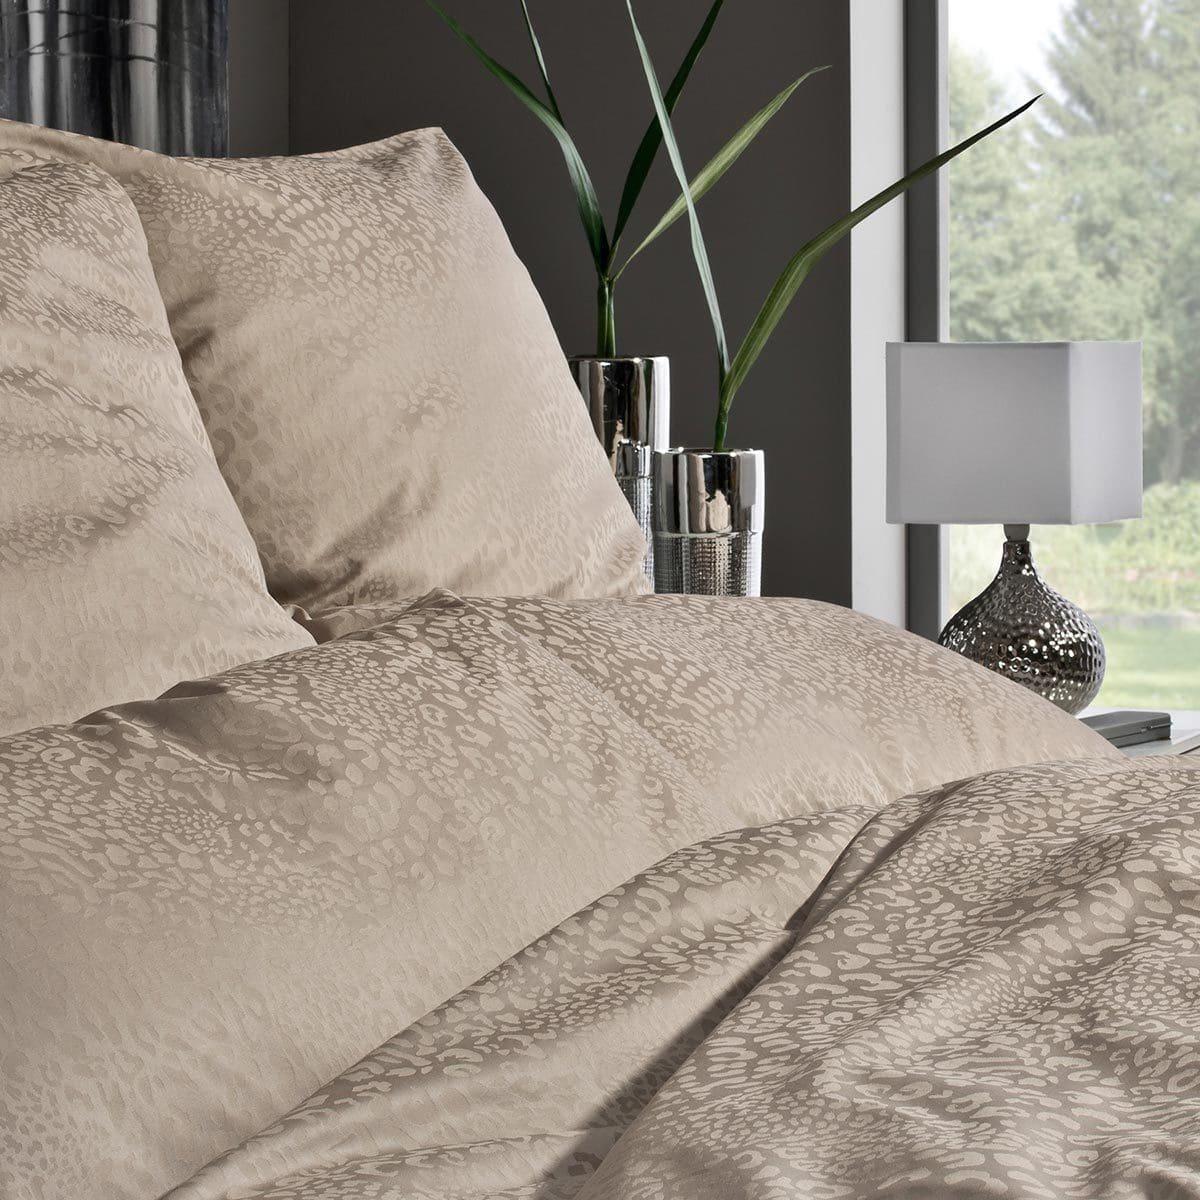 estella damast bettw sche jamal kiesel g nstig online kaufen bei bettwaren shop. Black Bedroom Furniture Sets. Home Design Ideas